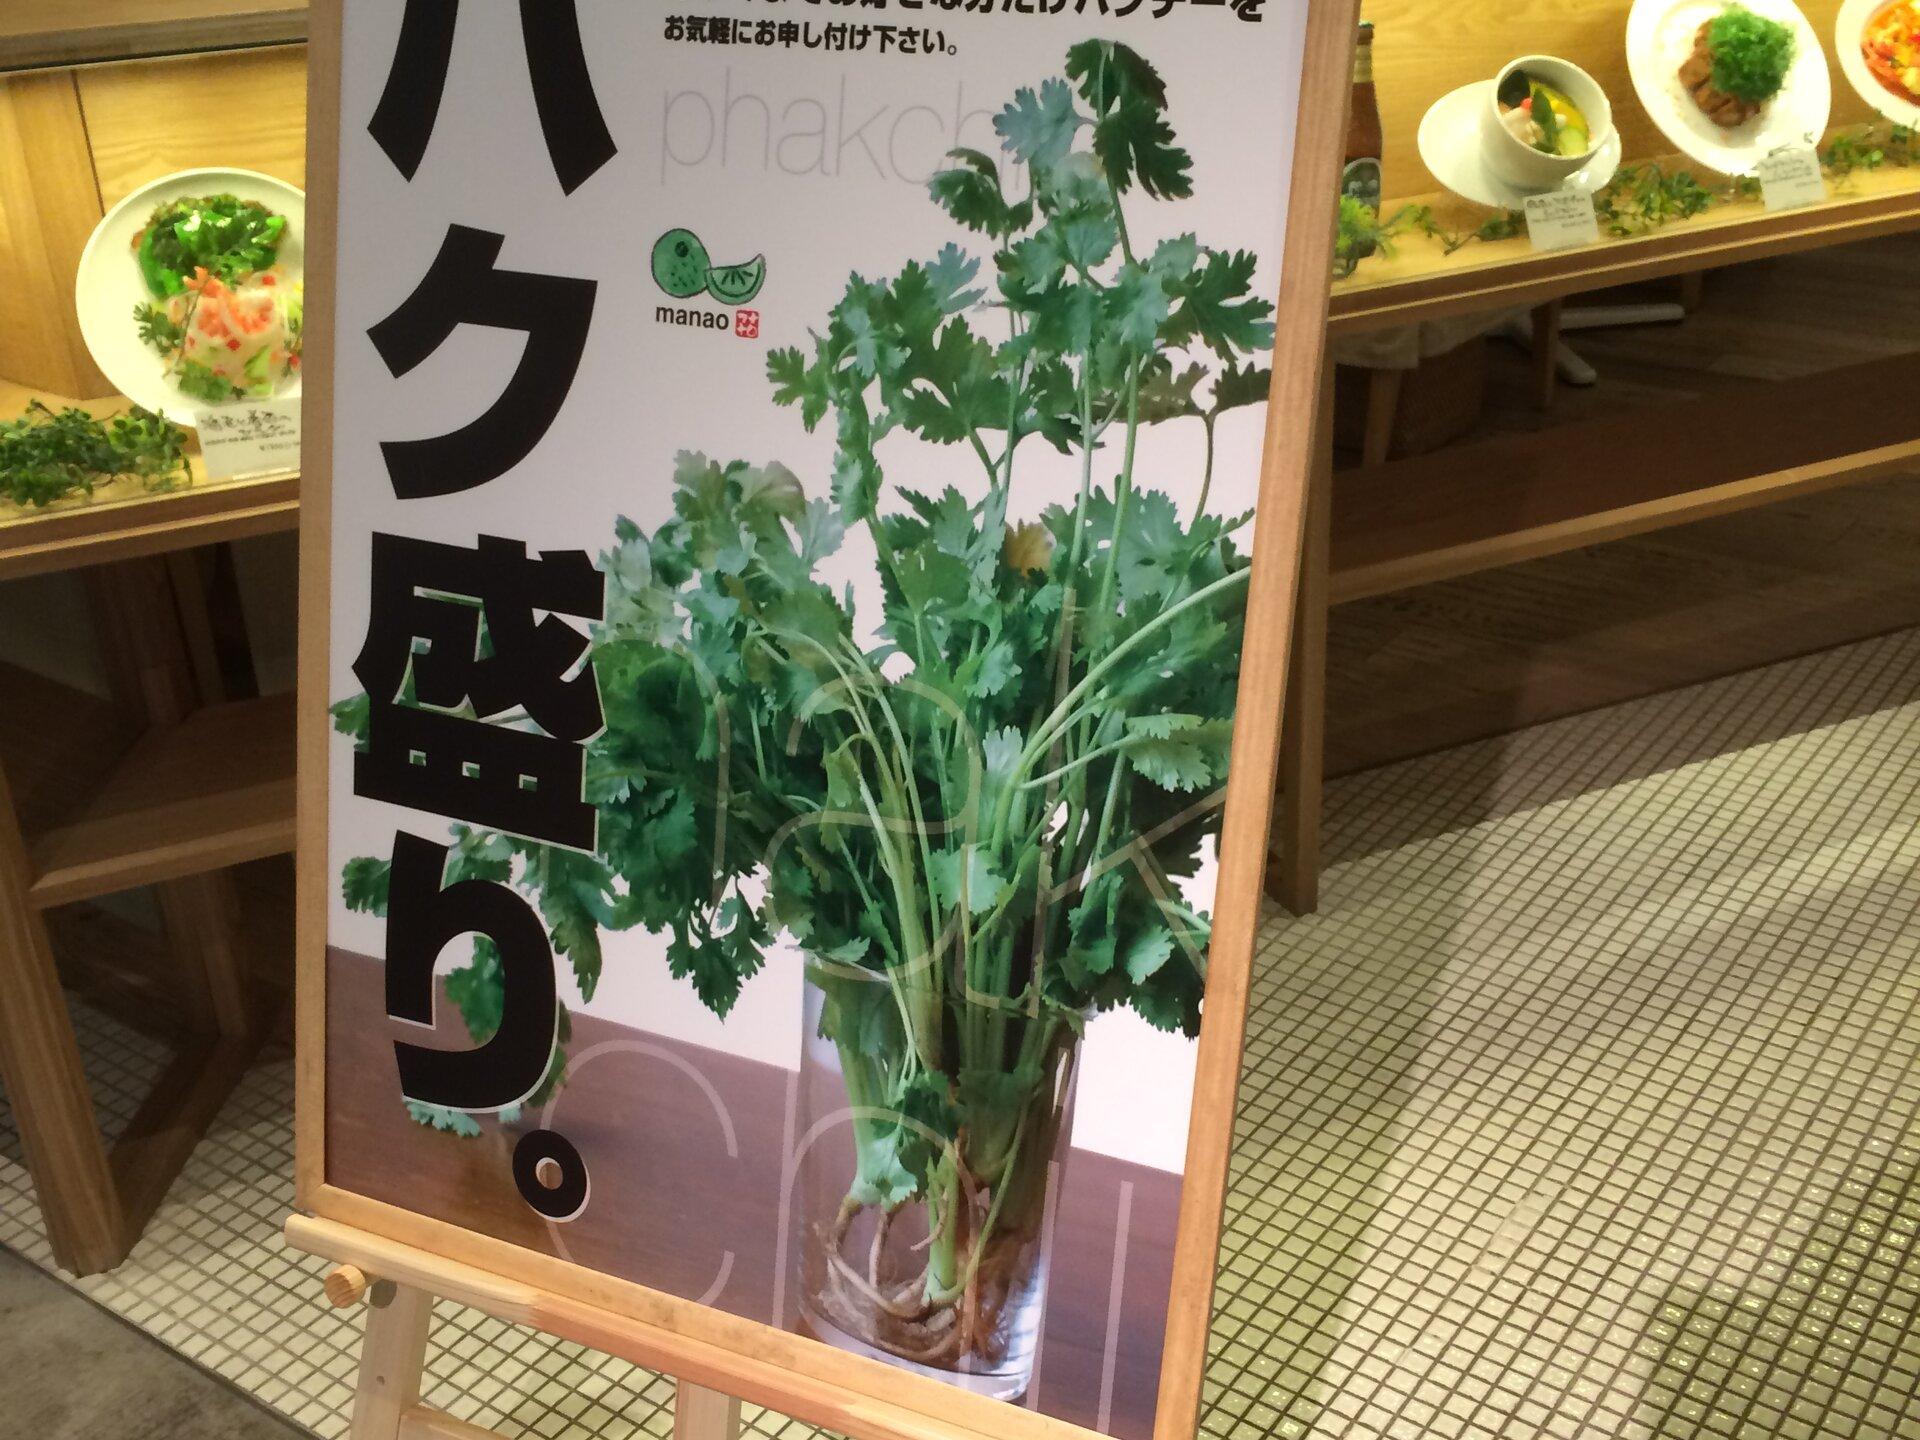 パクチー好き必見!【渋谷ヒカリエでオシャレランチ】Rice people, Nice people!